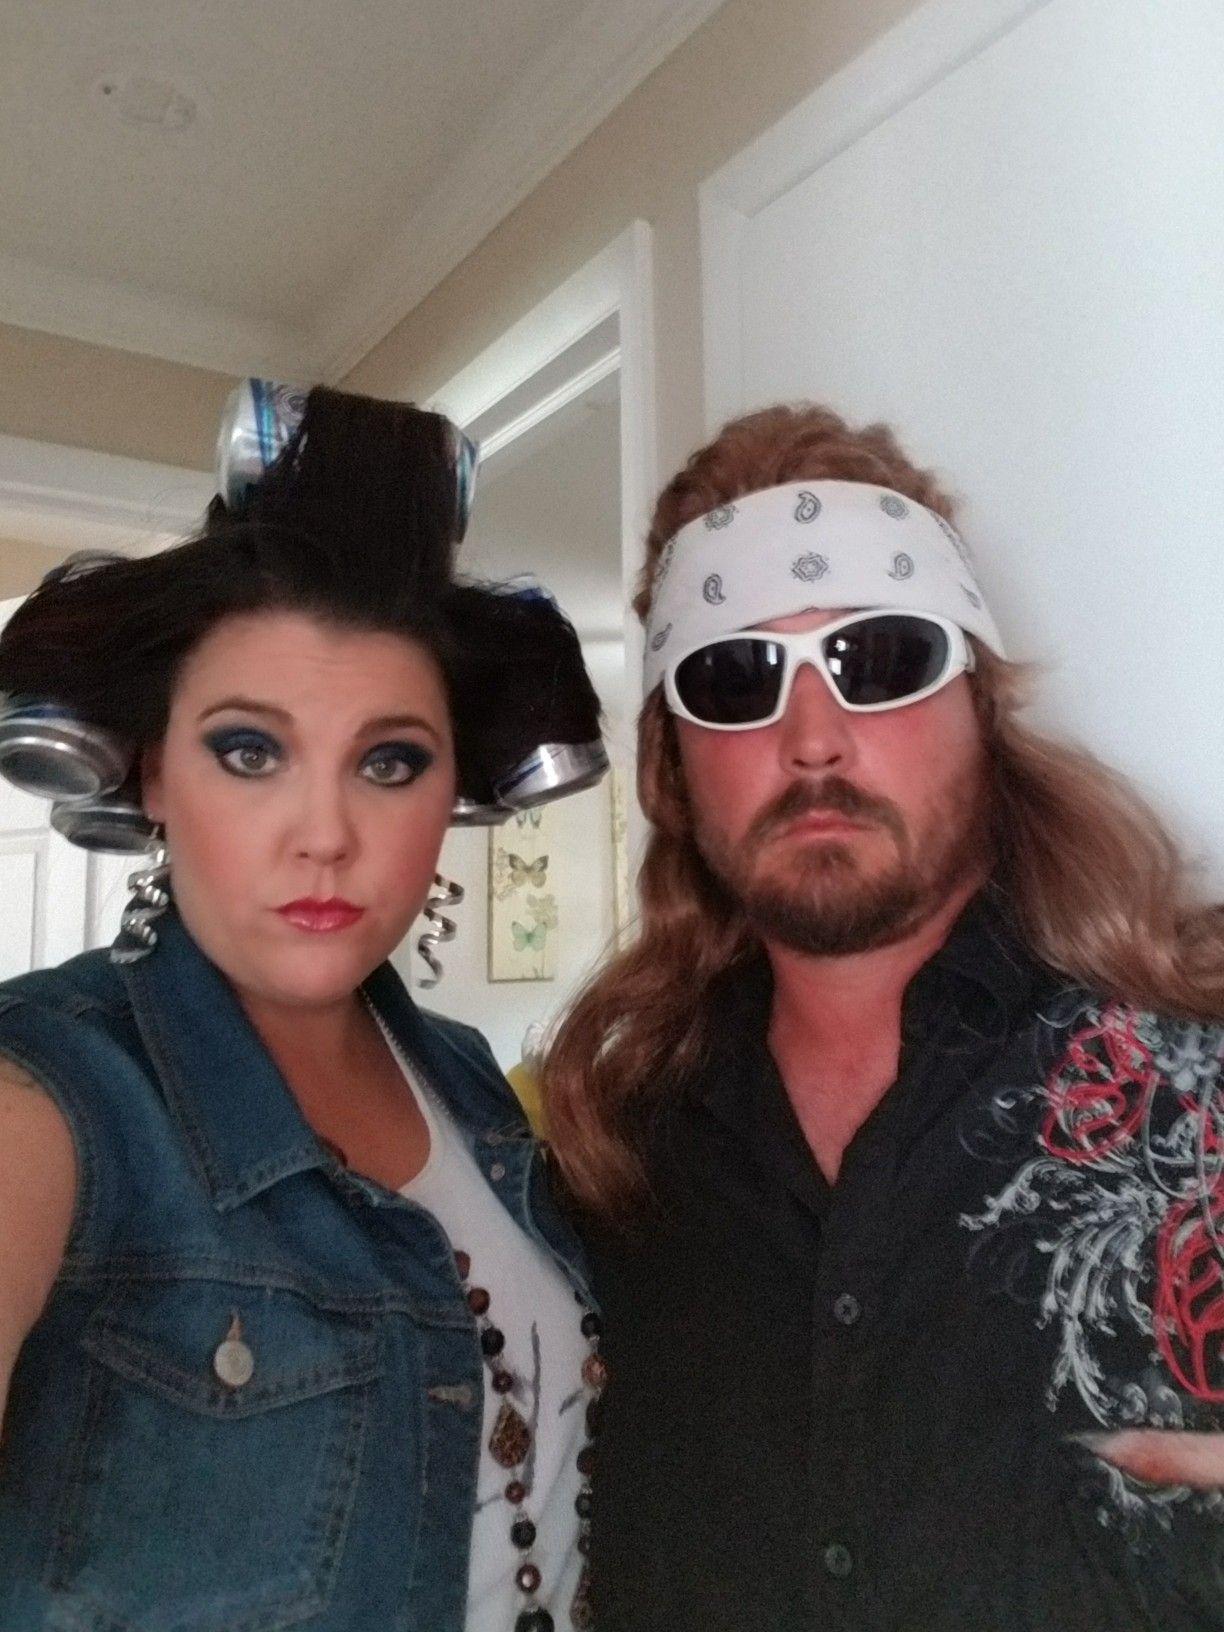 6d61da50e Redneck costume | redneck costume party | Redneck costume, Mens ...